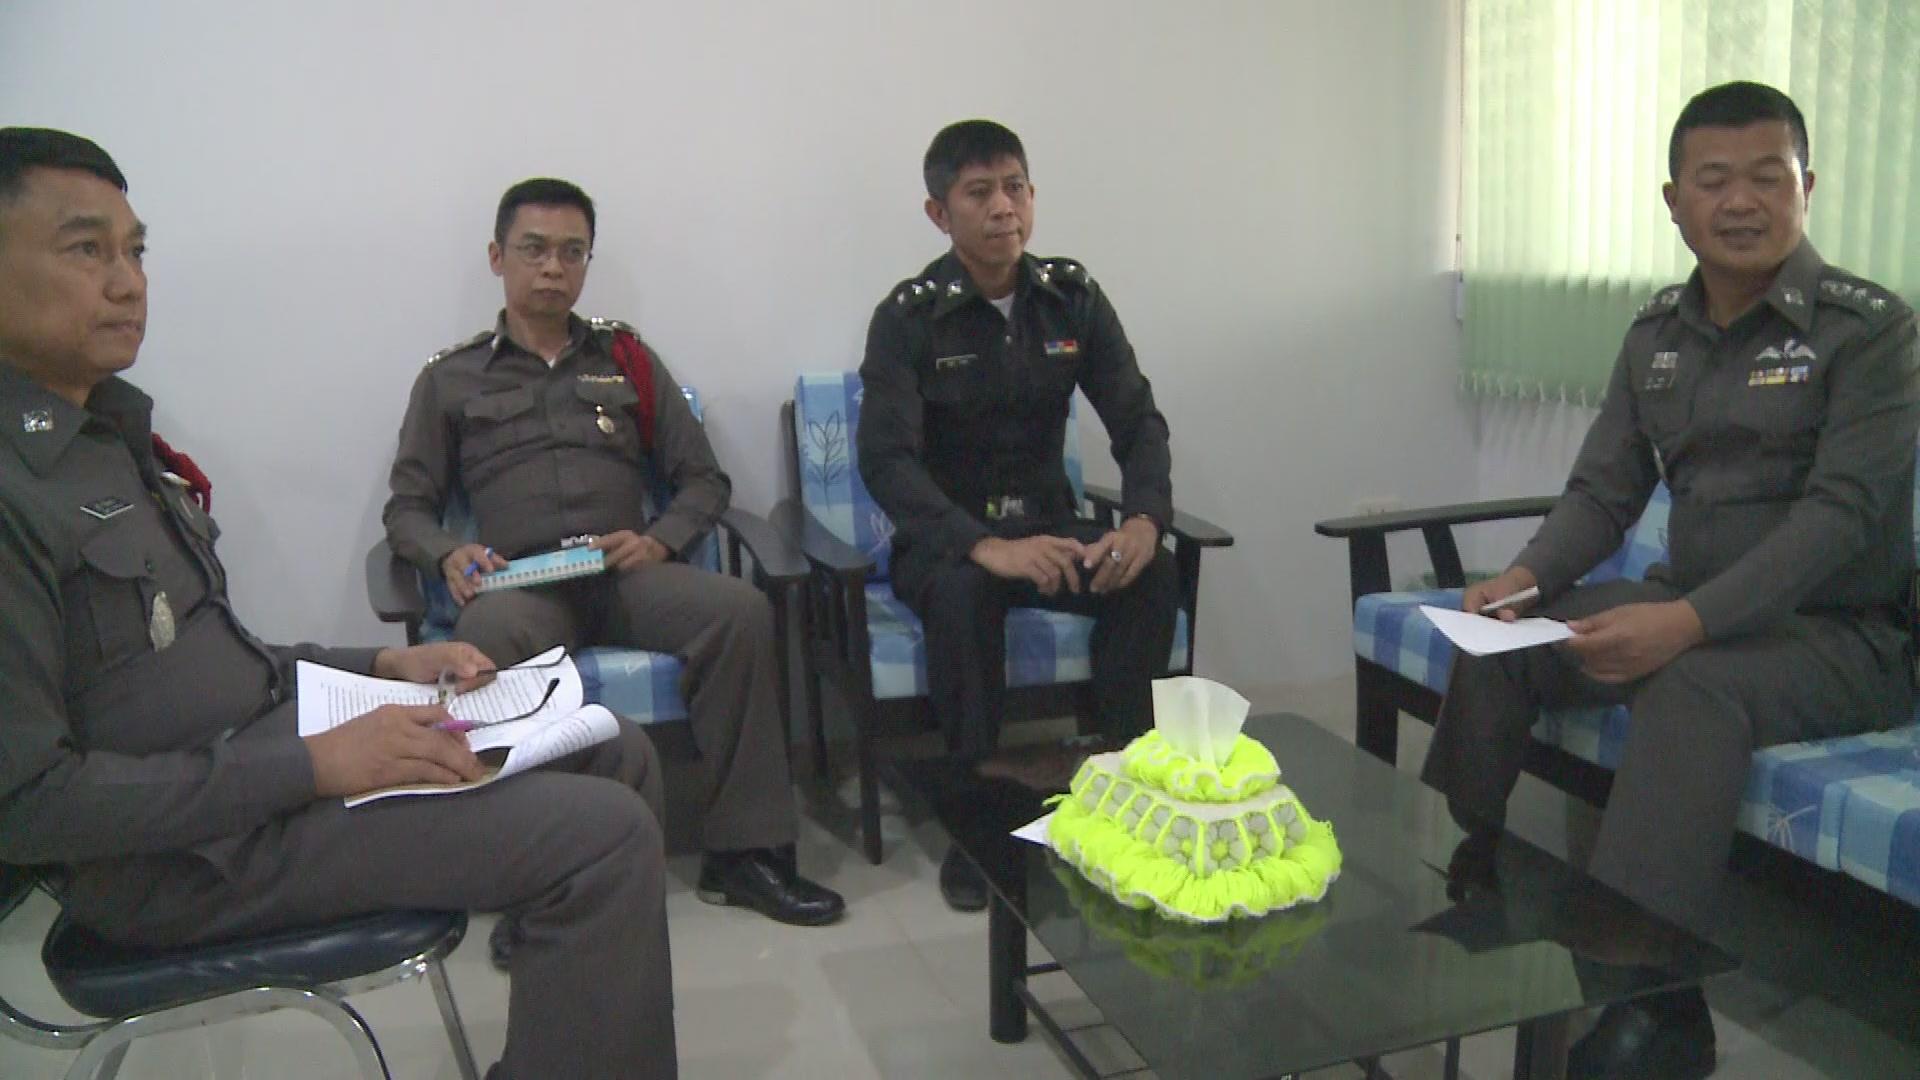 25-1-61 คืบหน้าตำรวจเรียกประชุมคดีผอกับเด็ก[11-27-25]